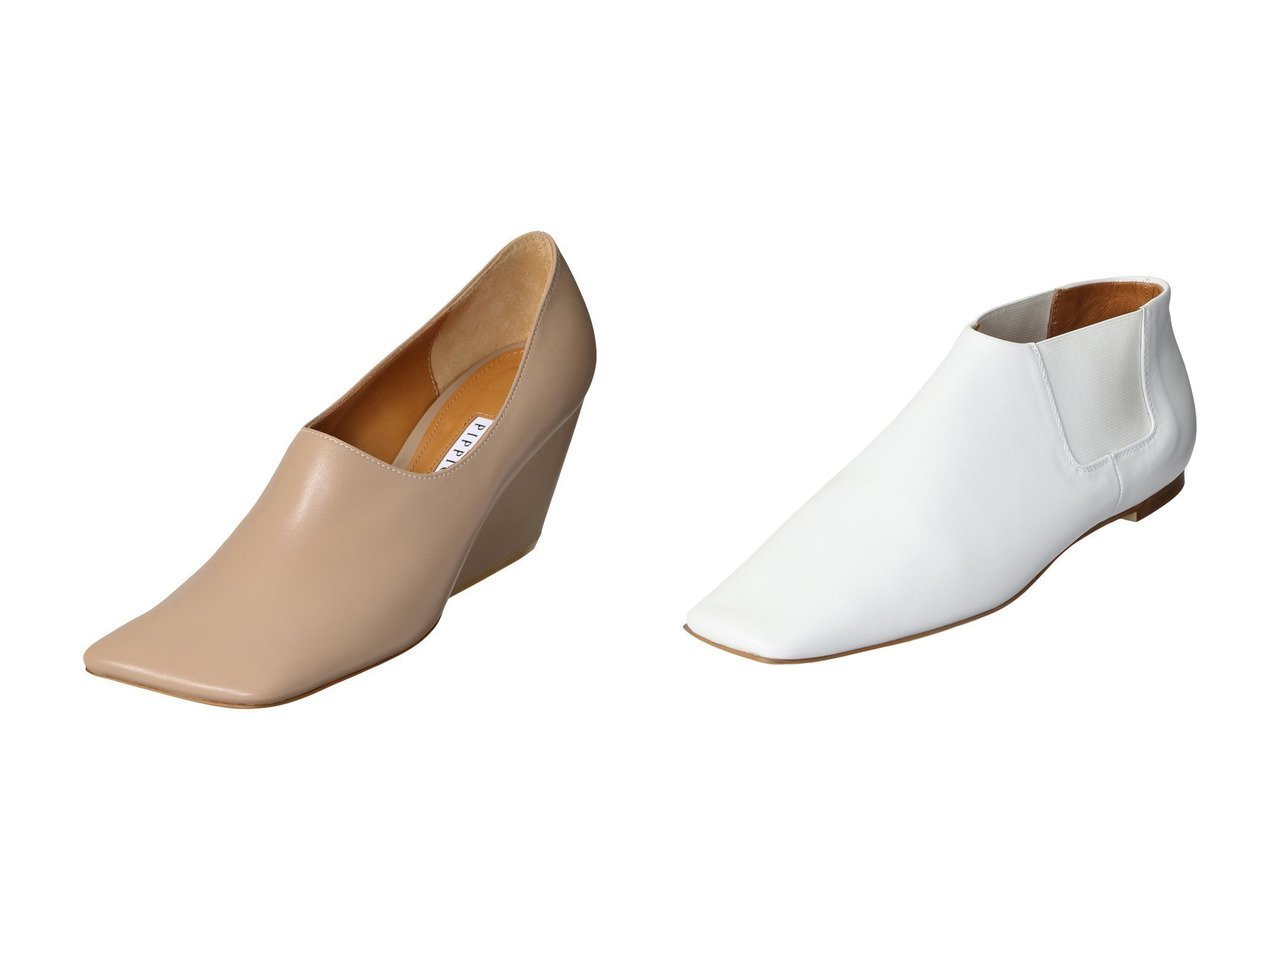 【Pippichic/ピッピシック】のAMBER サイドゴアブーティー&LINDA ウェスタンヒールカバーパンプス 【シューズ・靴】おすすめ!人気、トレンド・レディースファッションの通販 おすすめで人気の流行・トレンド、ファッションの通販商品 インテリア・家具・メンズファッション・キッズファッション・レディースファッション・服の通販 founy(ファニー) https://founy.com/ ファッション Fashion レディースファッション WOMEN 2021年 2021 2021-2022秋冬・A/W AW・Autumn/Winter・FW・Fall-Winter・2021-2022 A/W・秋冬 AW・Autumn/Winter・FW・Fall-Winter なめらか スマート フォルム シンプル スタイリッシュ |ID:crp329100000053505